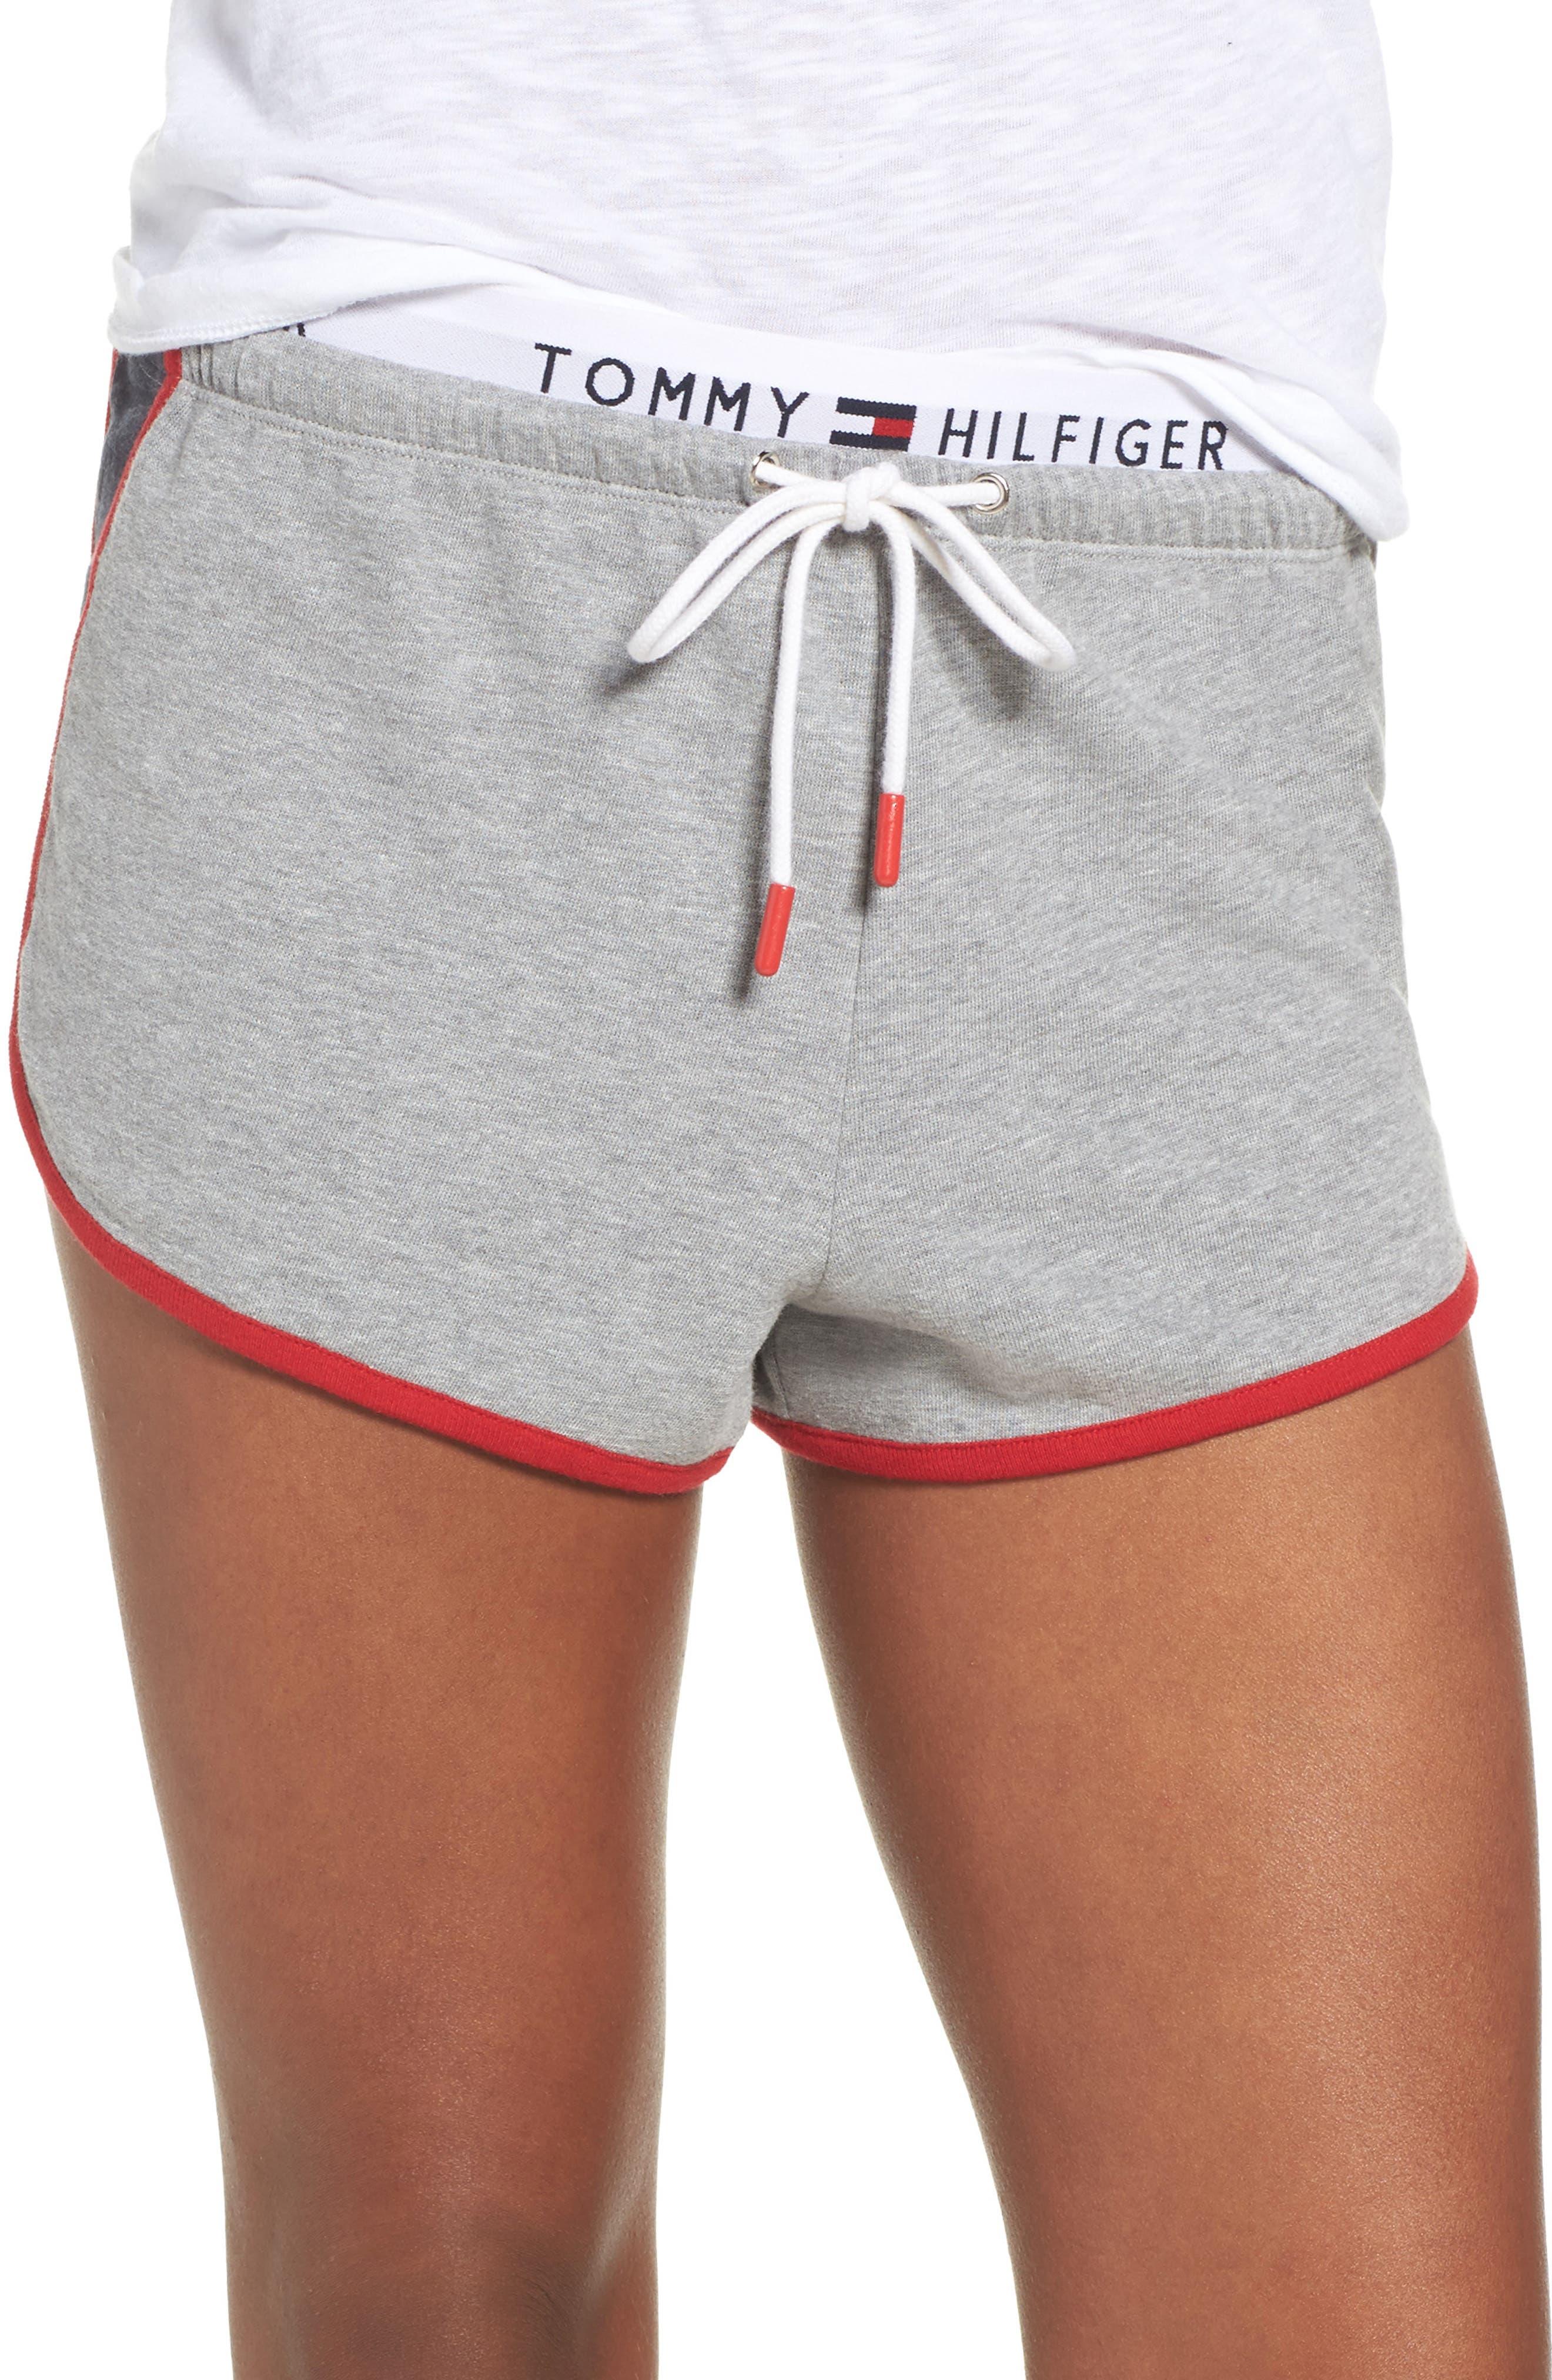 TH Retro Shorts,                             Main thumbnail 1, color,                             020